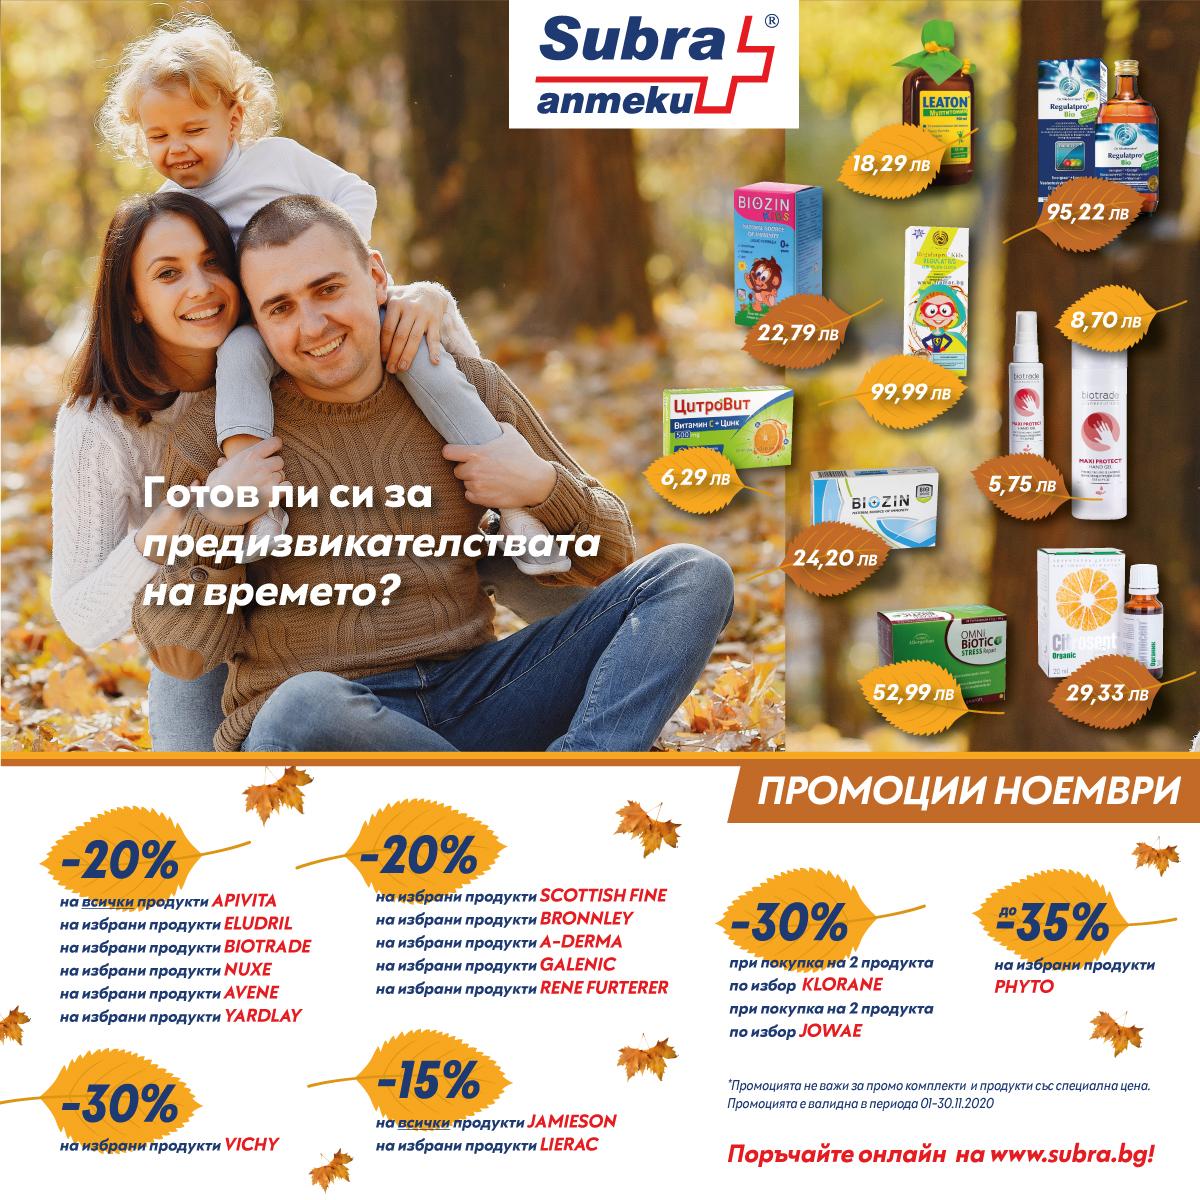 Ноемврийски предложения в Subra